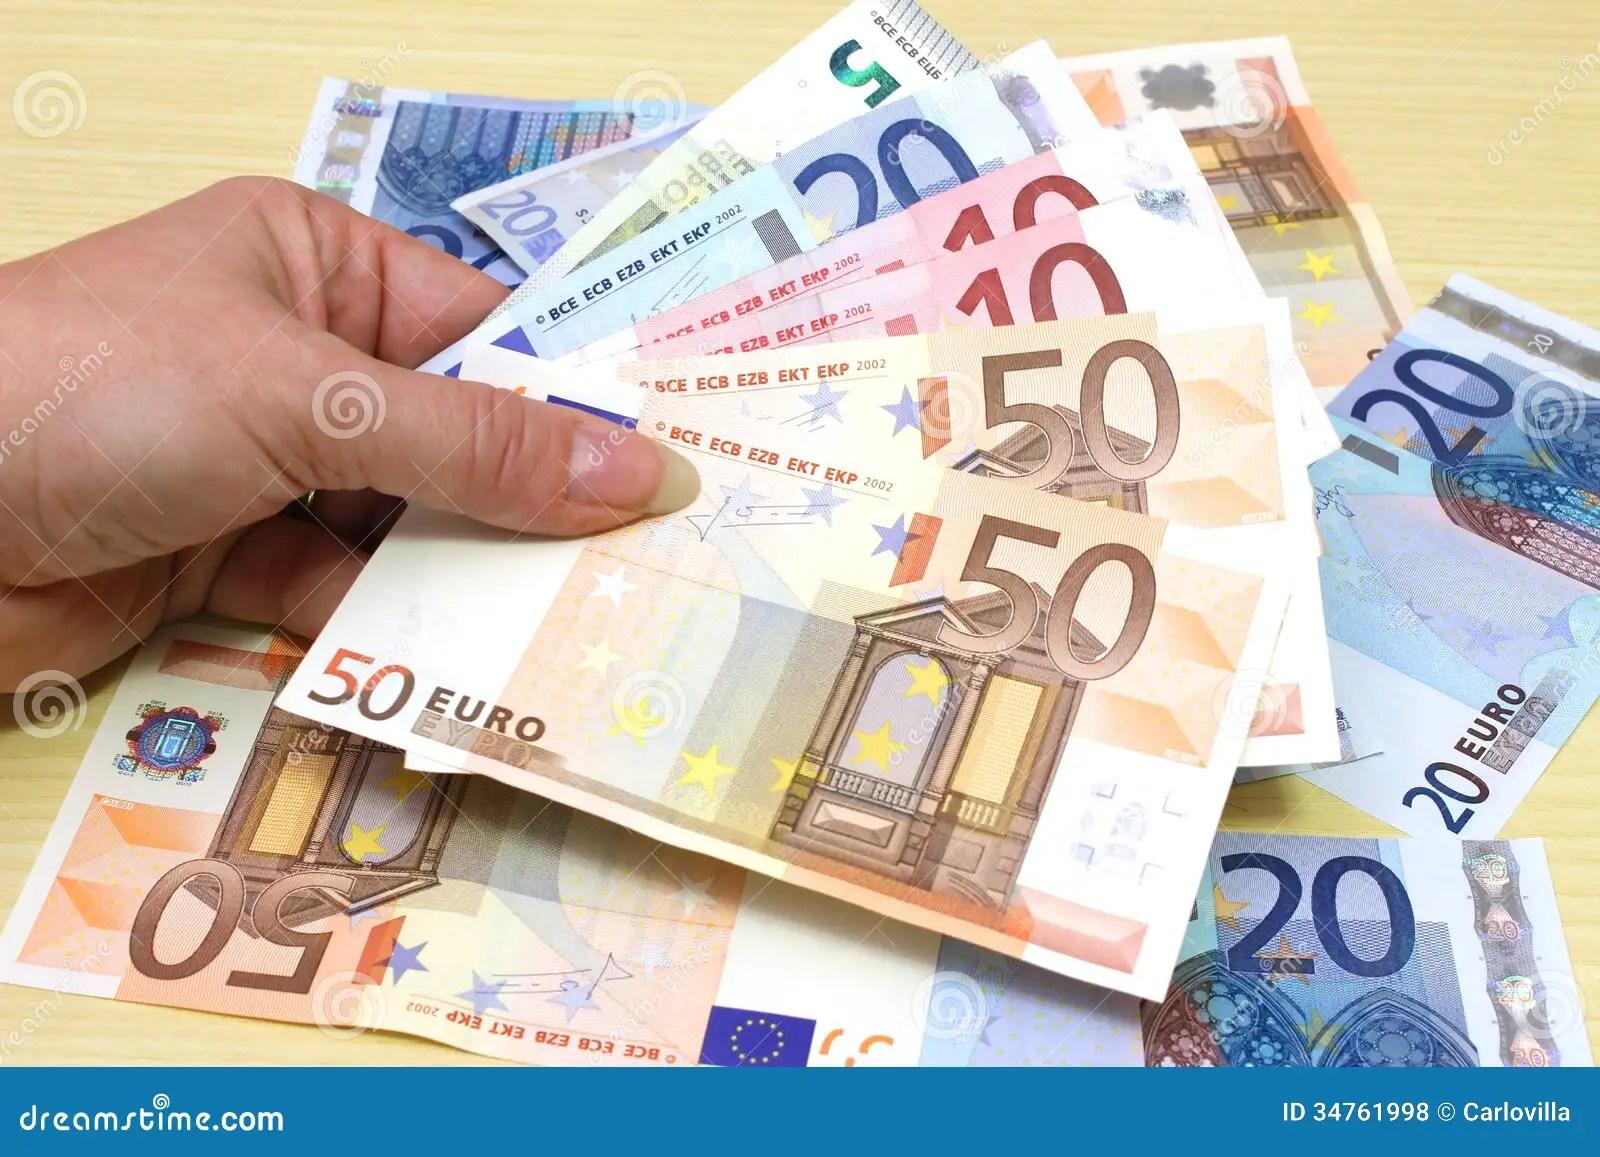 Euro Money Stock Photo Image Of Background Money Wealth